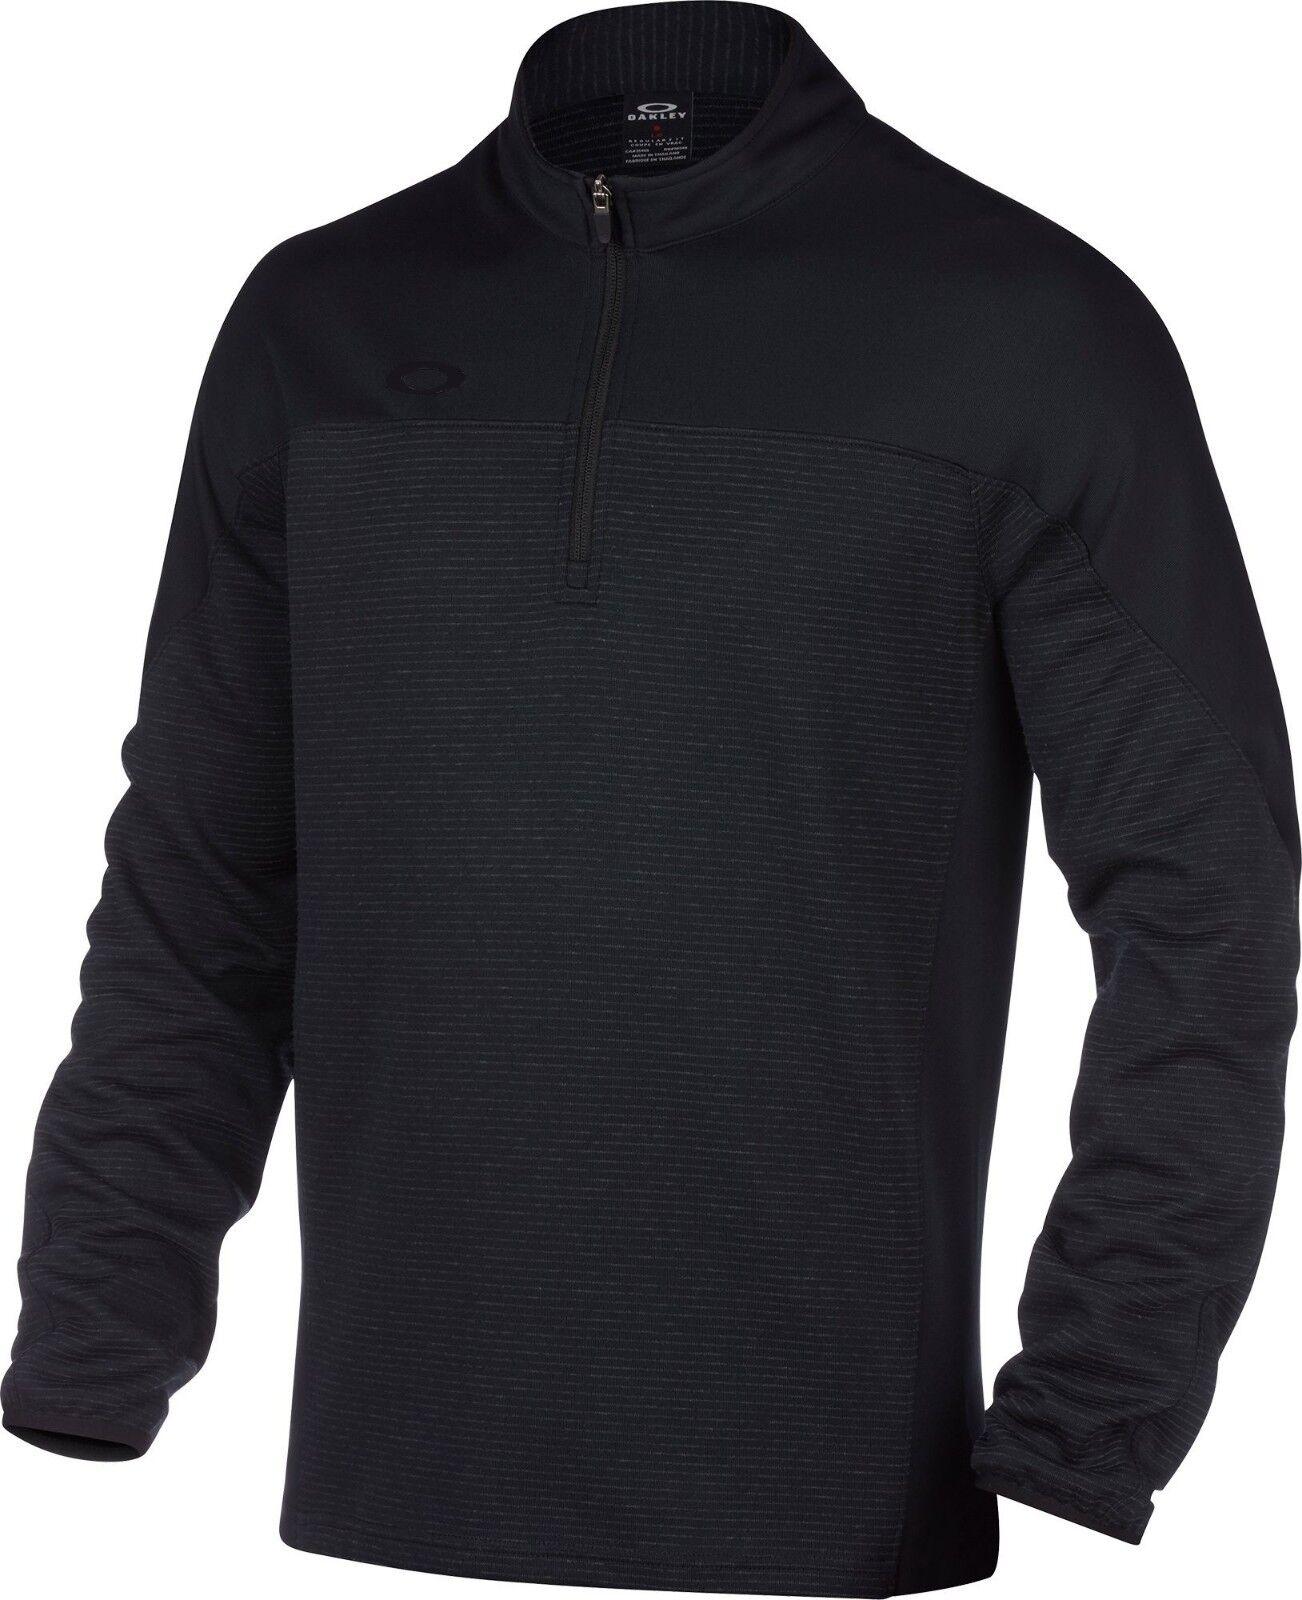 Oakley Men's Gridlock Pullover Quarter Zip Sweater Black Siz